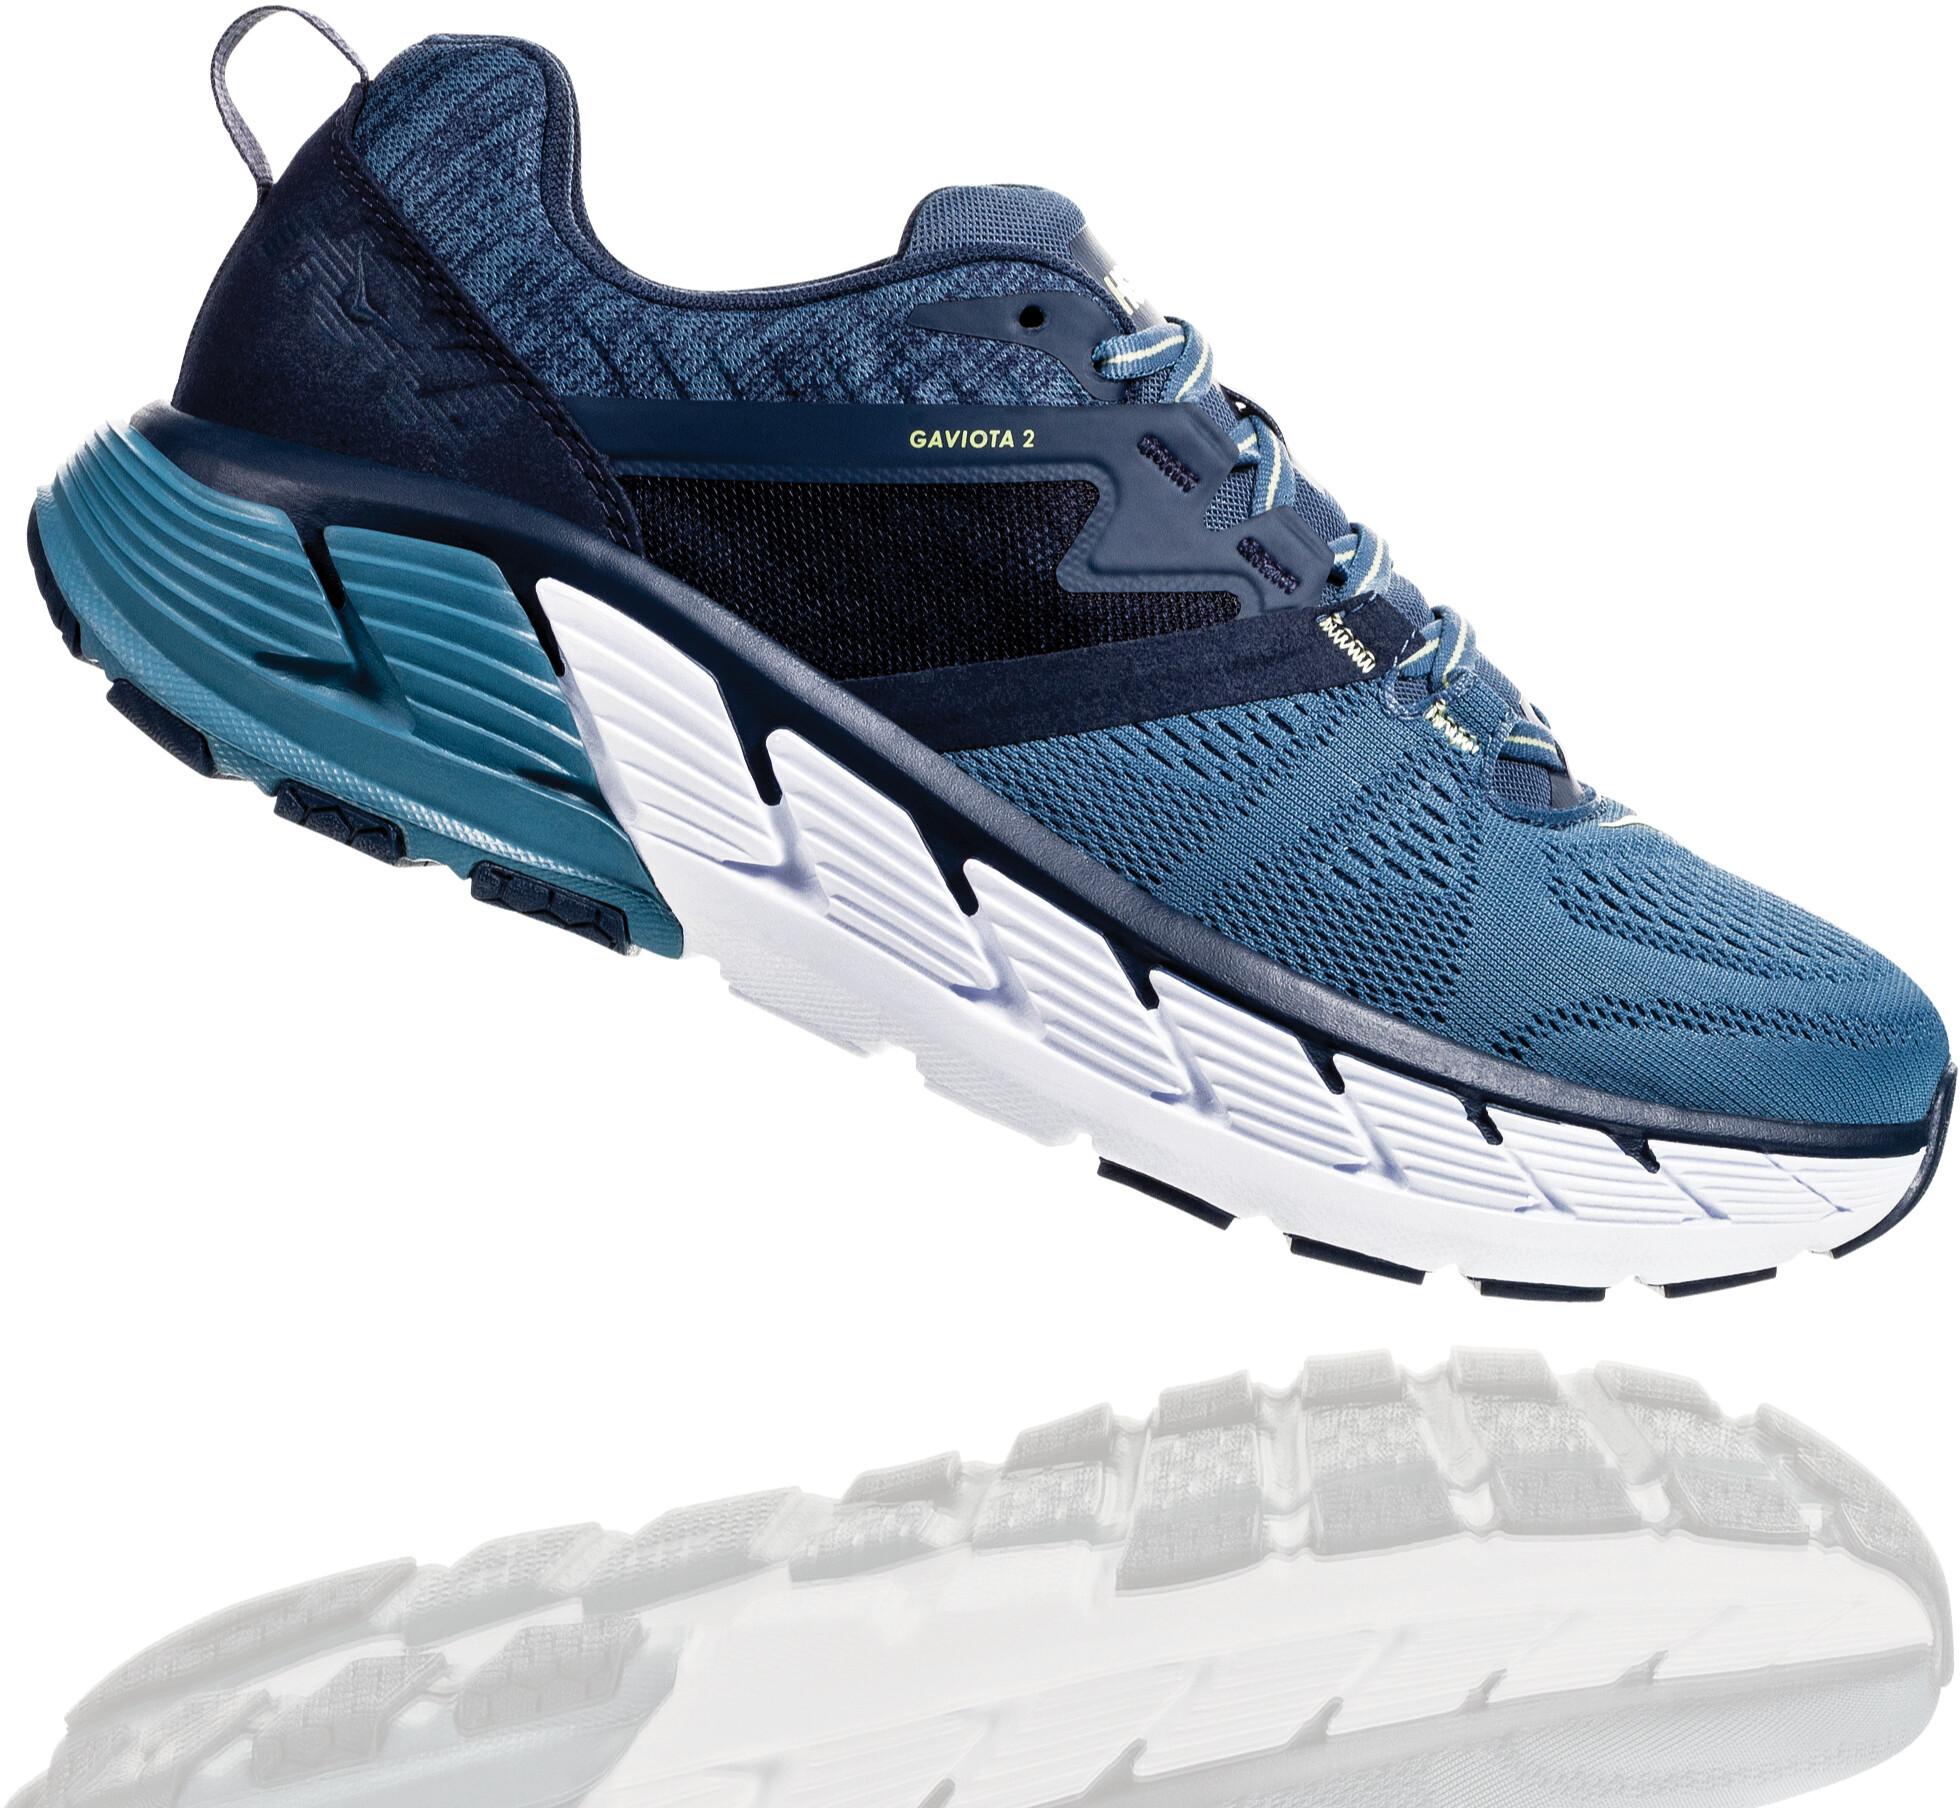 Hoka One One Gaviota 2 Løbesko Herrer, moonlight ocean/aegean blue (2020) | Running shoes